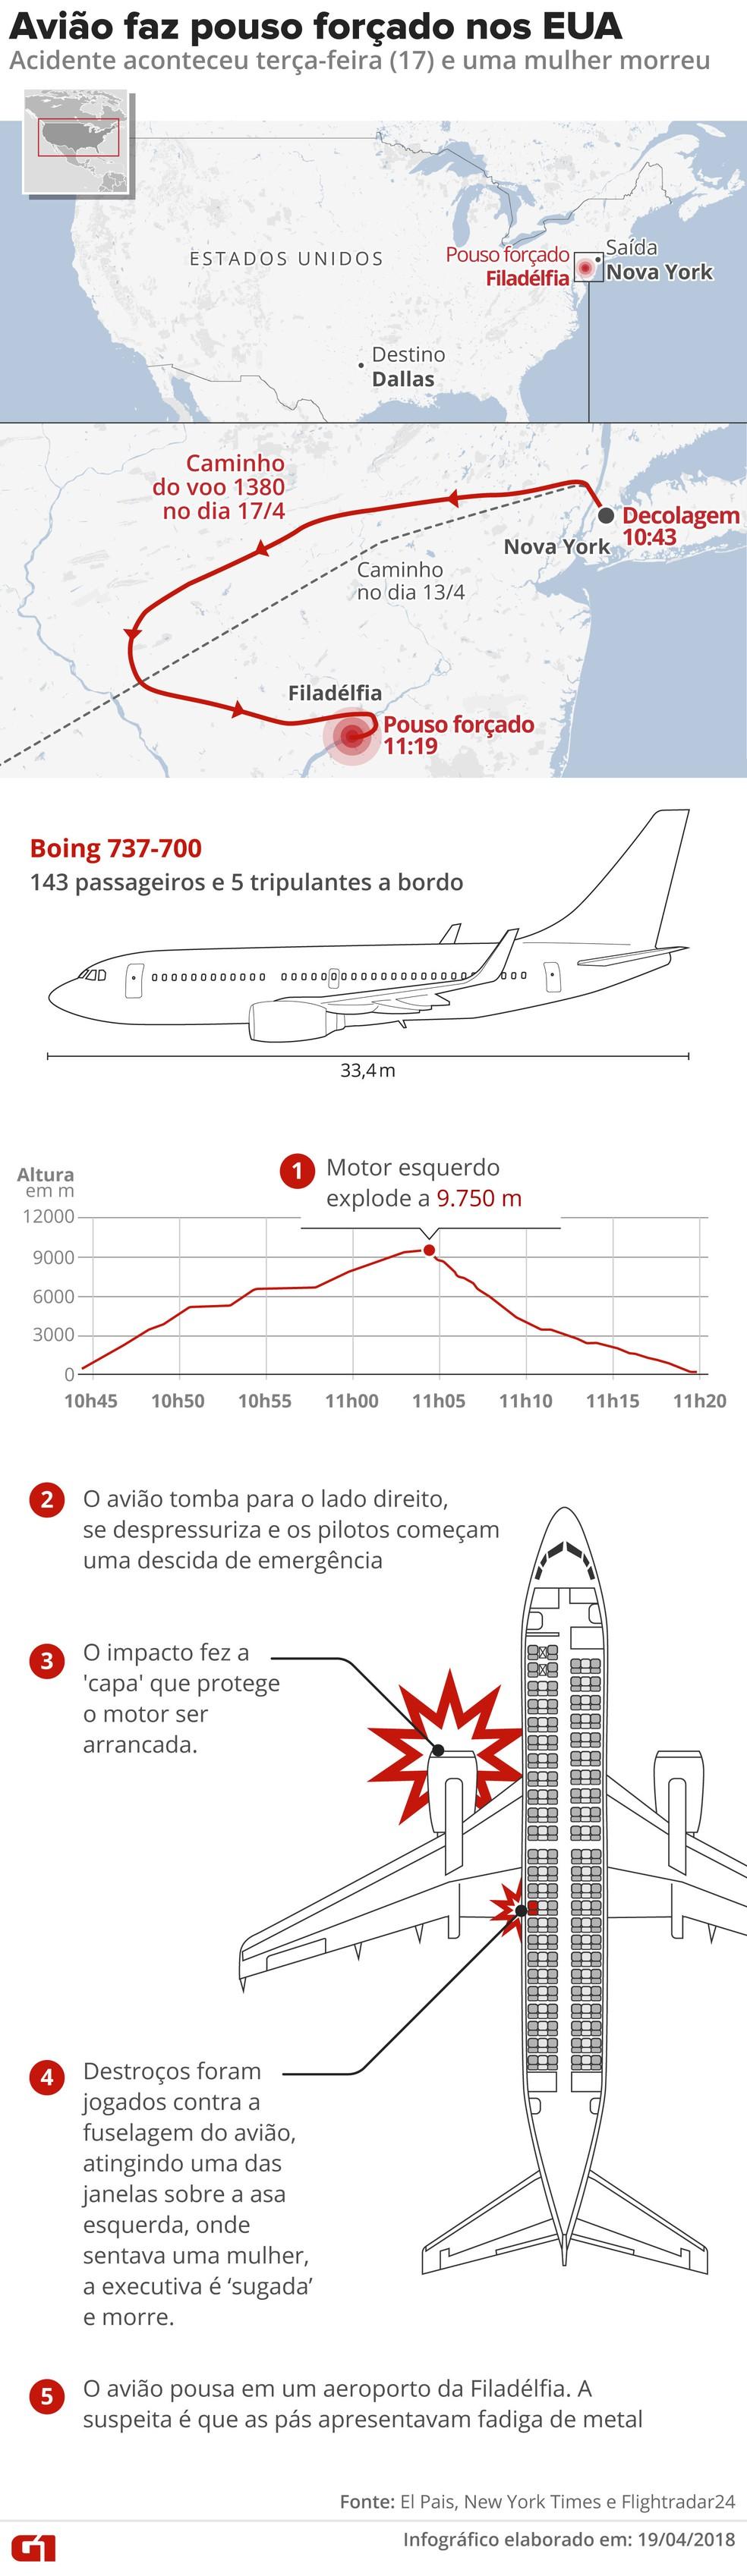 Avião da Southwest Airlines faz pouso forçado nos EUA (Foto: Roberta Jaworski/Alexandre Mauro/G1)